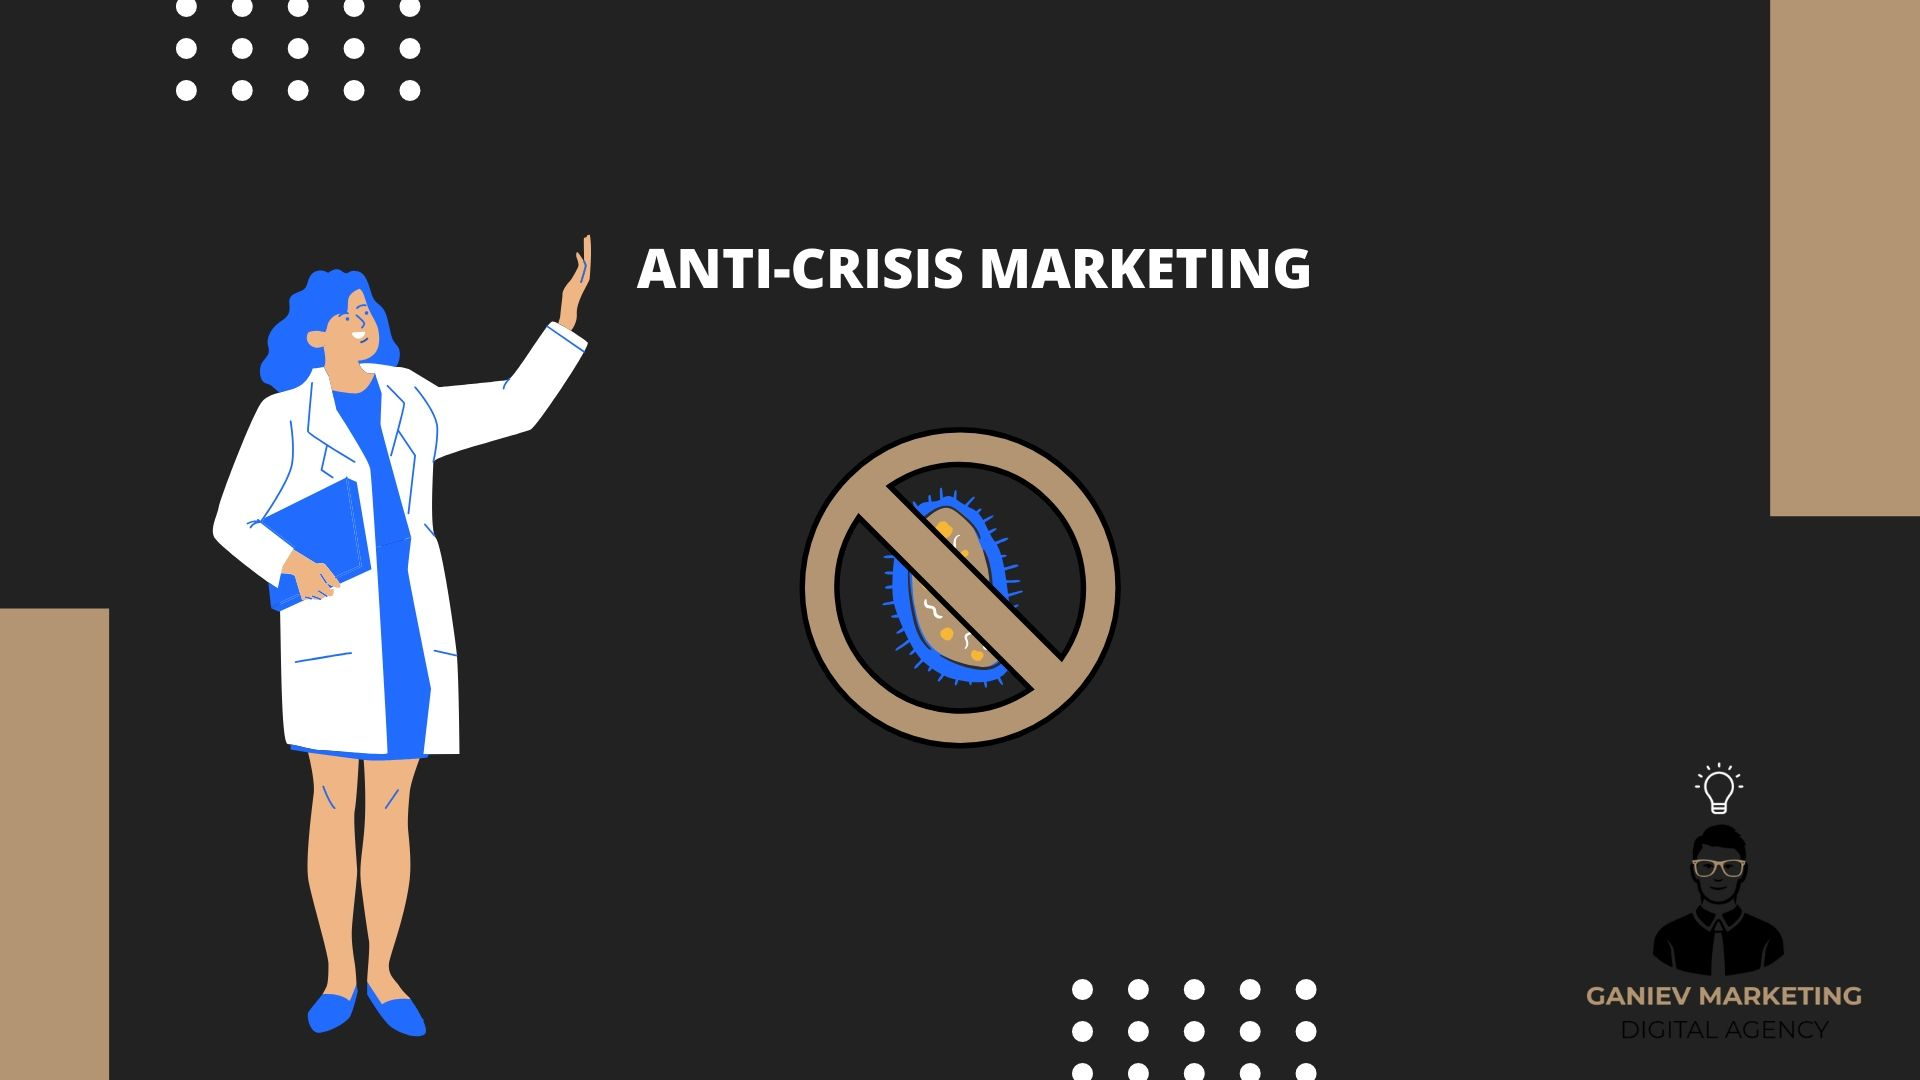 Маркетинг во время кризиса — 5 инструментов, которые могут помочь вам